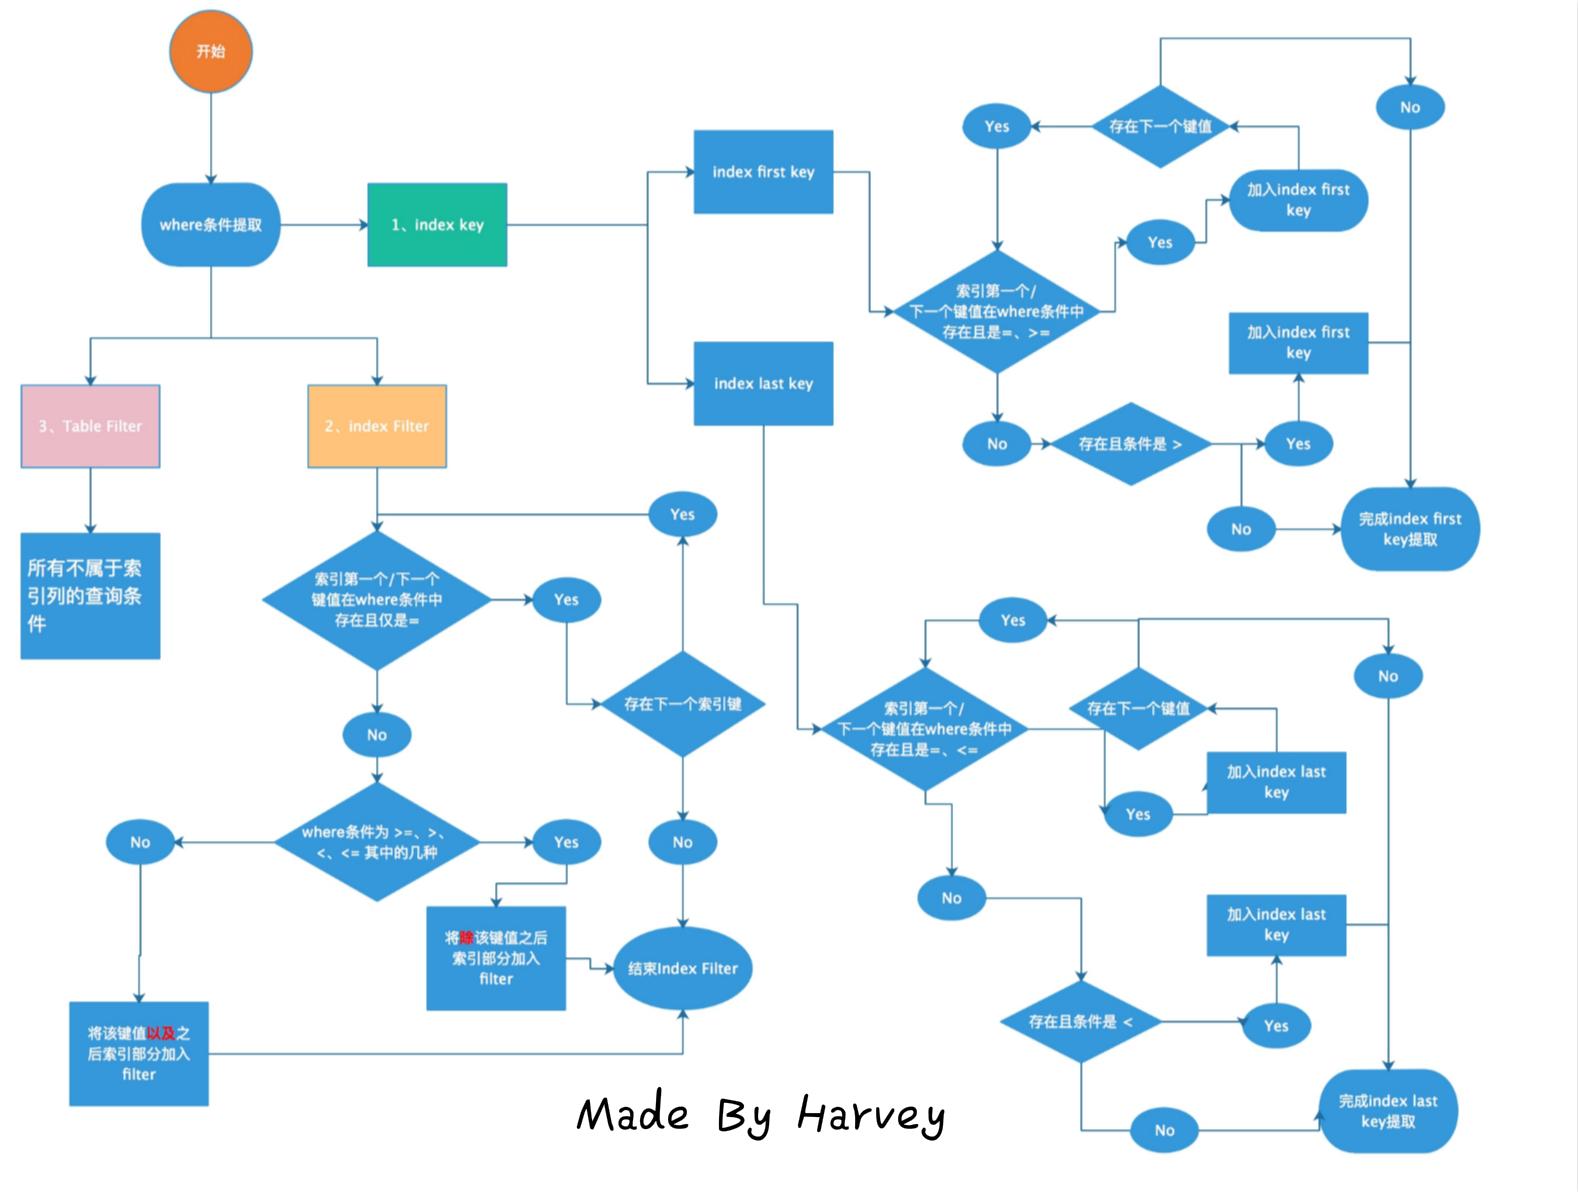 索引命中流程图